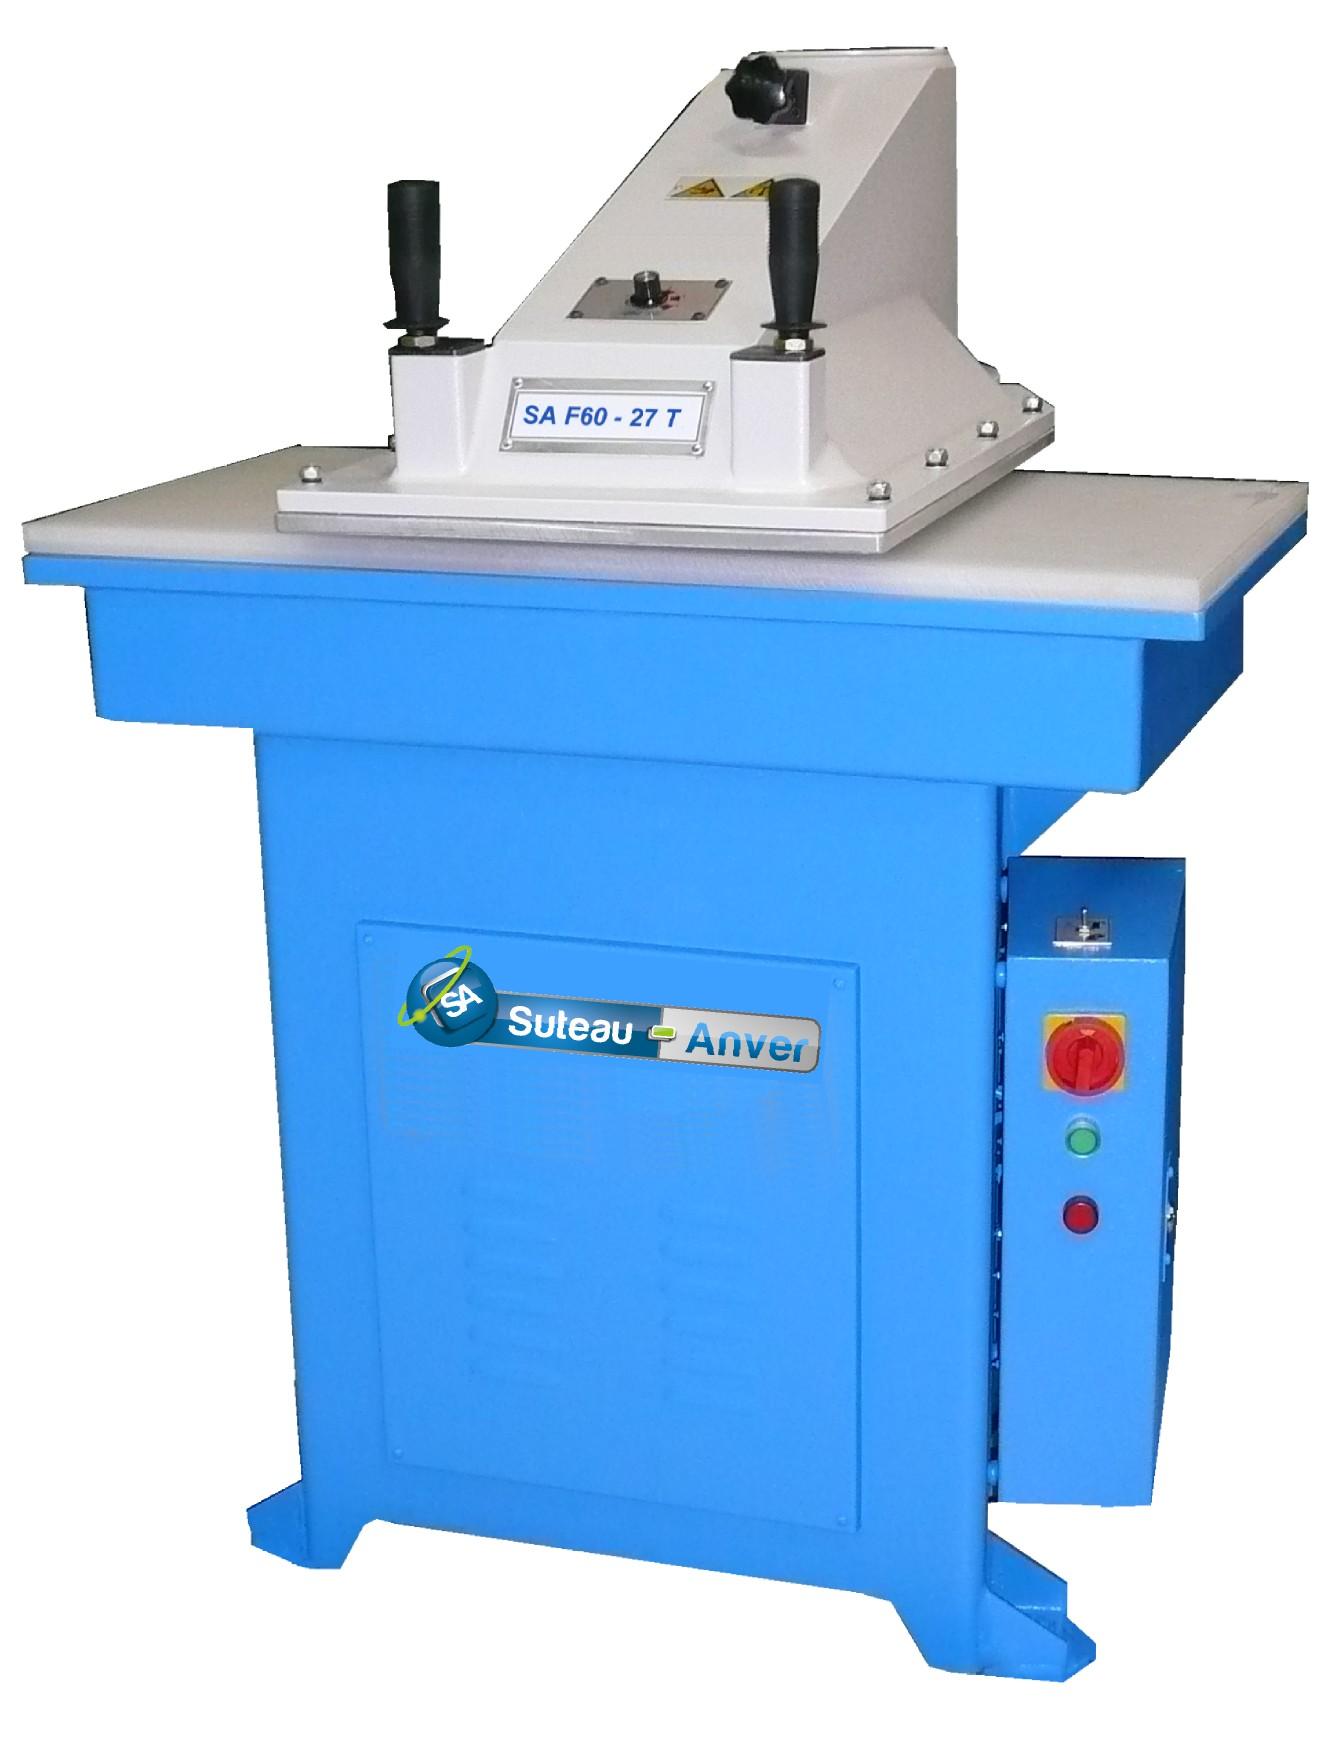 Prensa de corte hidráulica com braço rotativo – Modelo SA F60